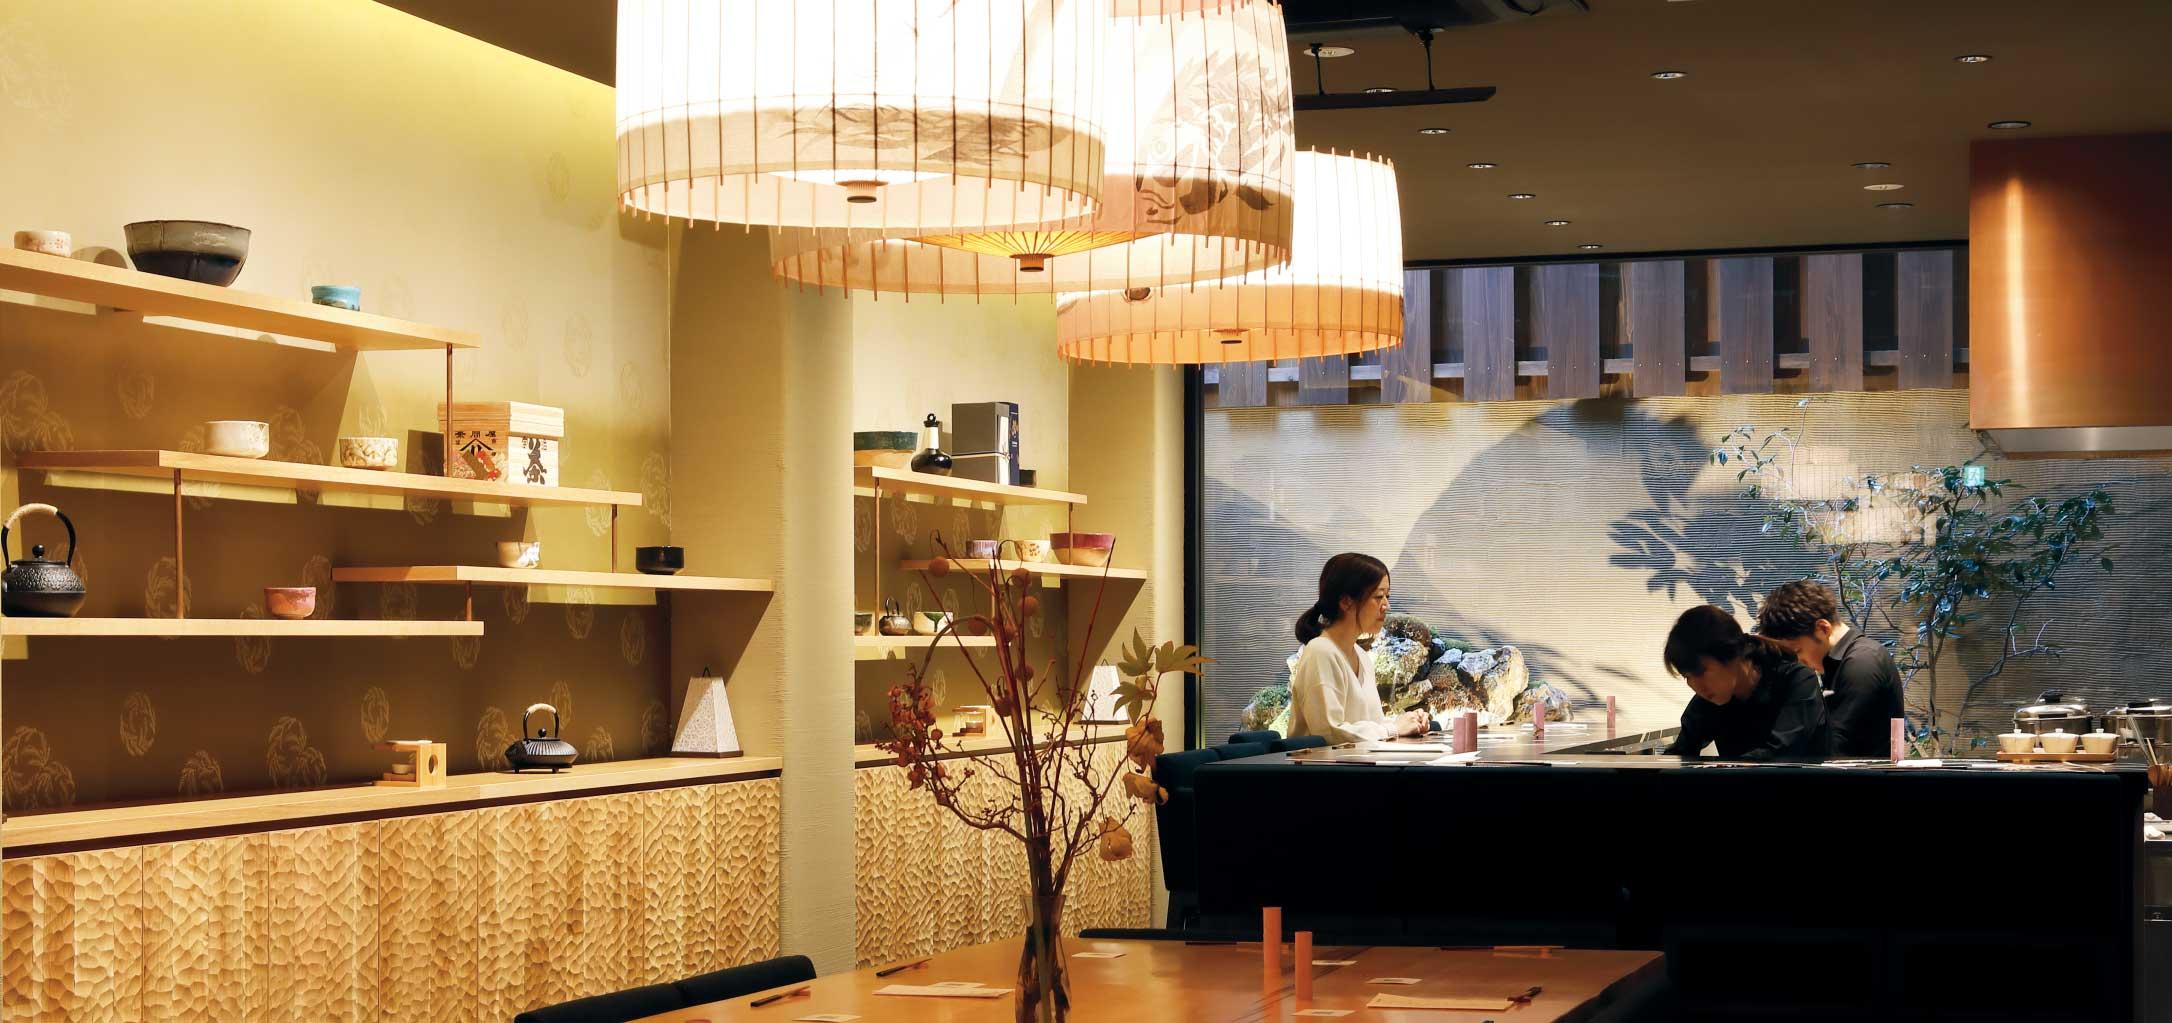 手鞠鮨と日本茶の店内